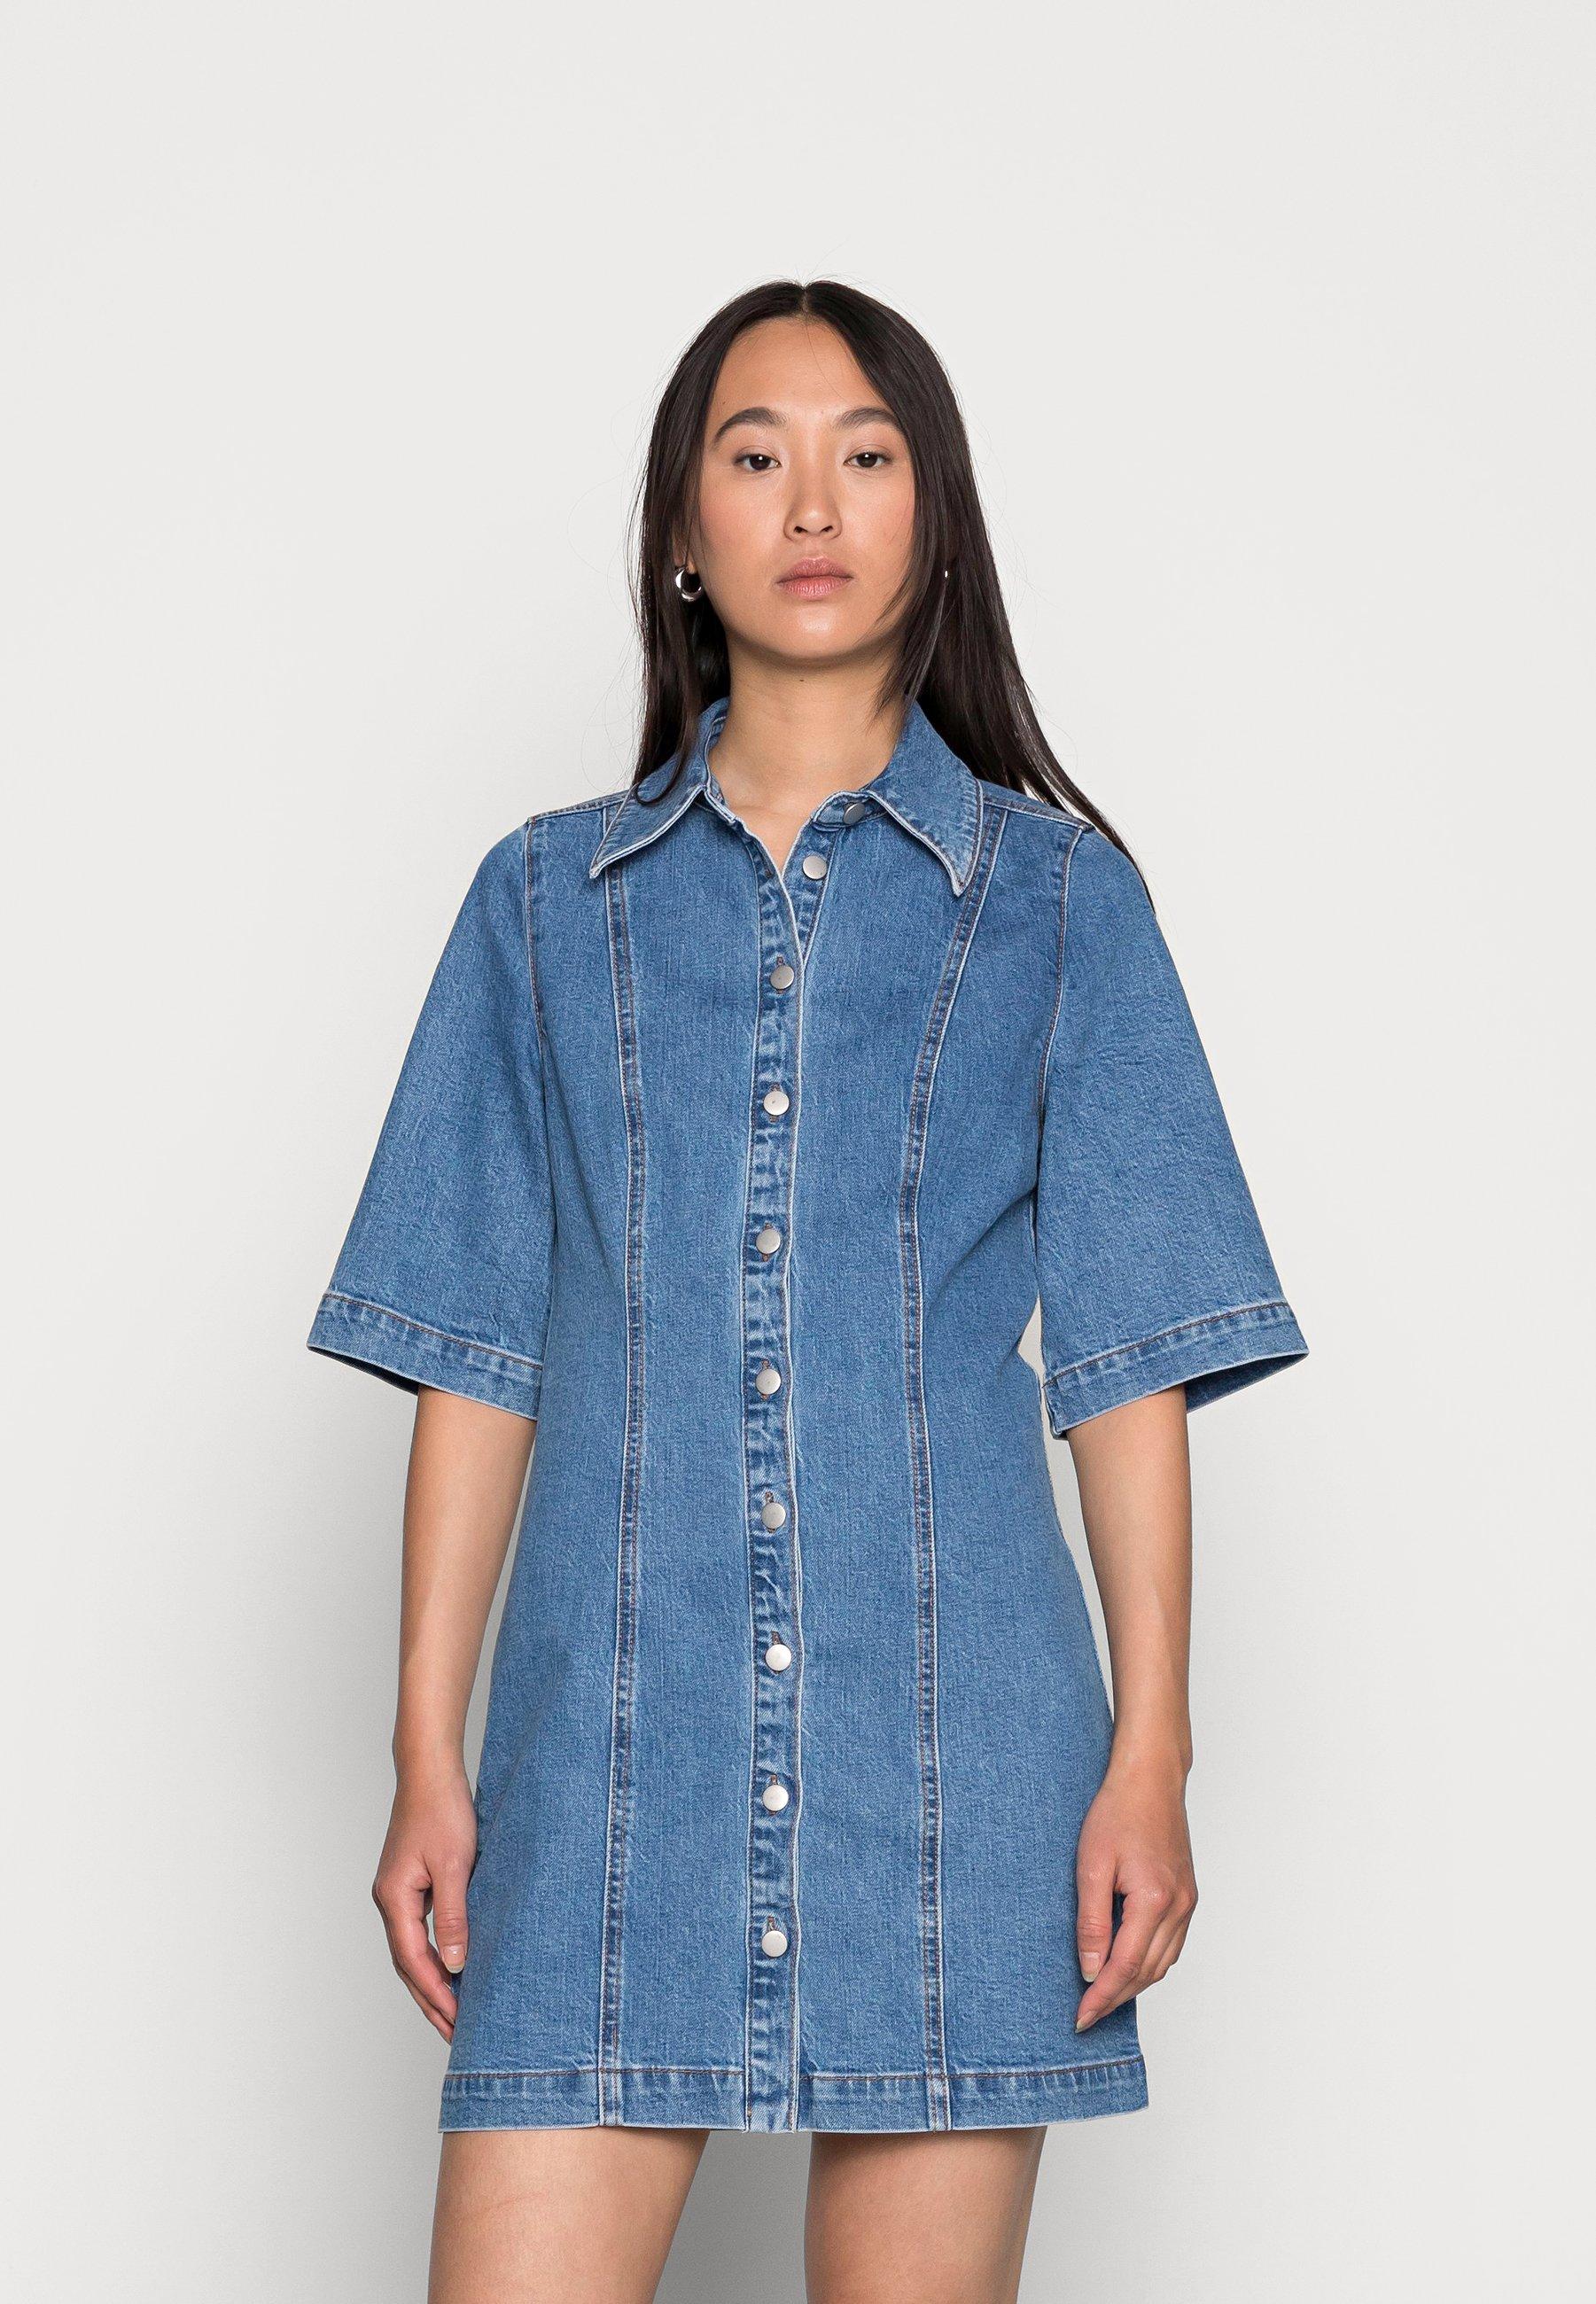 Femme NICA DRESS - Robe en jean